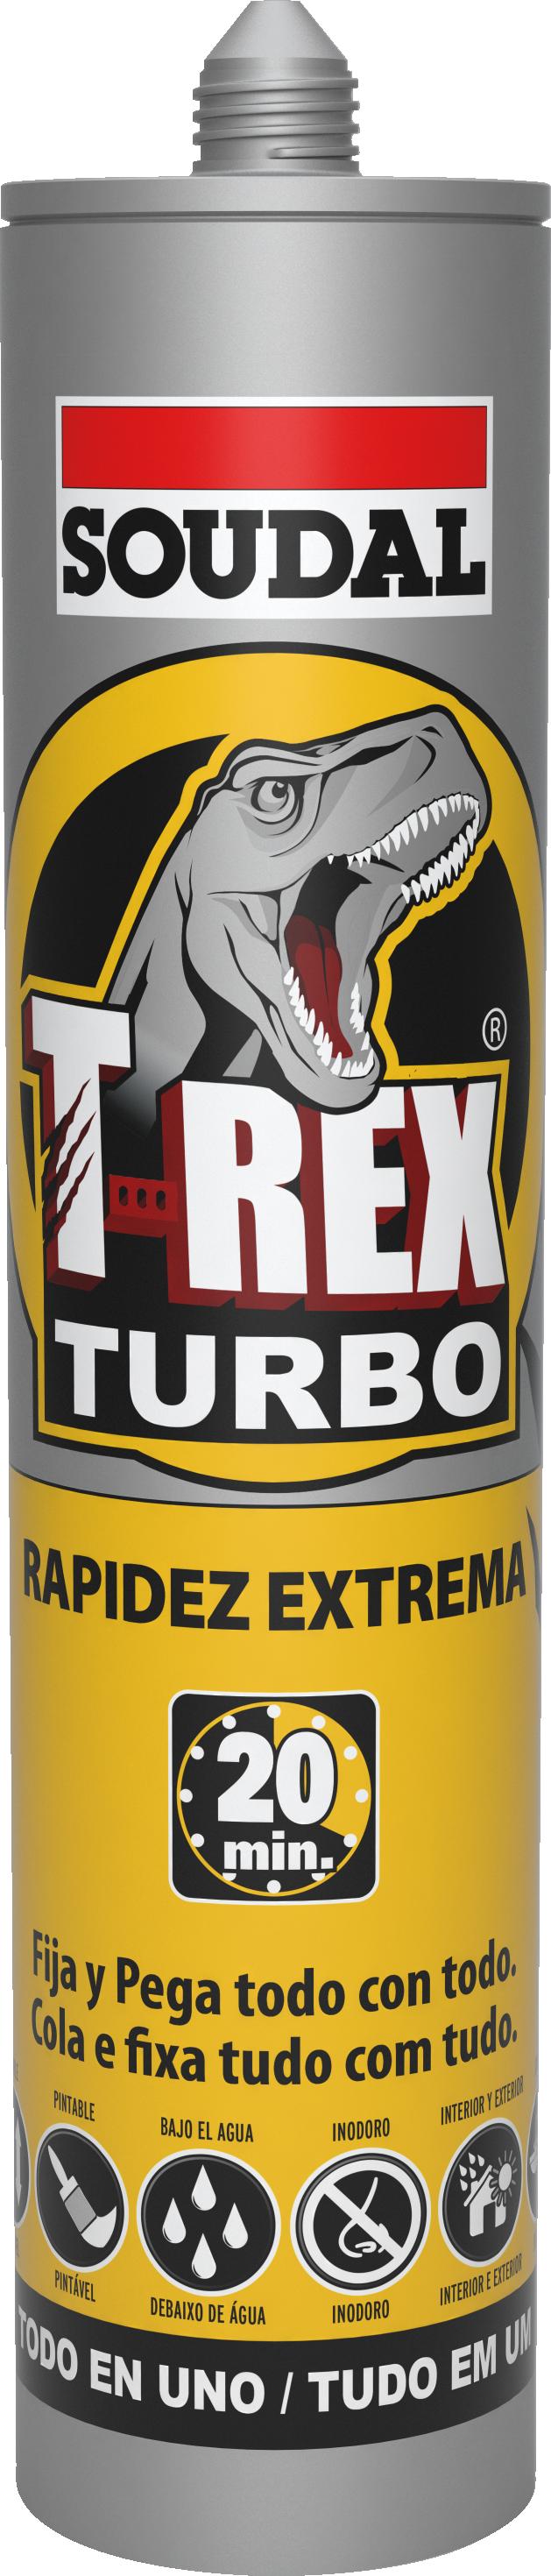 T-Rex Turbo